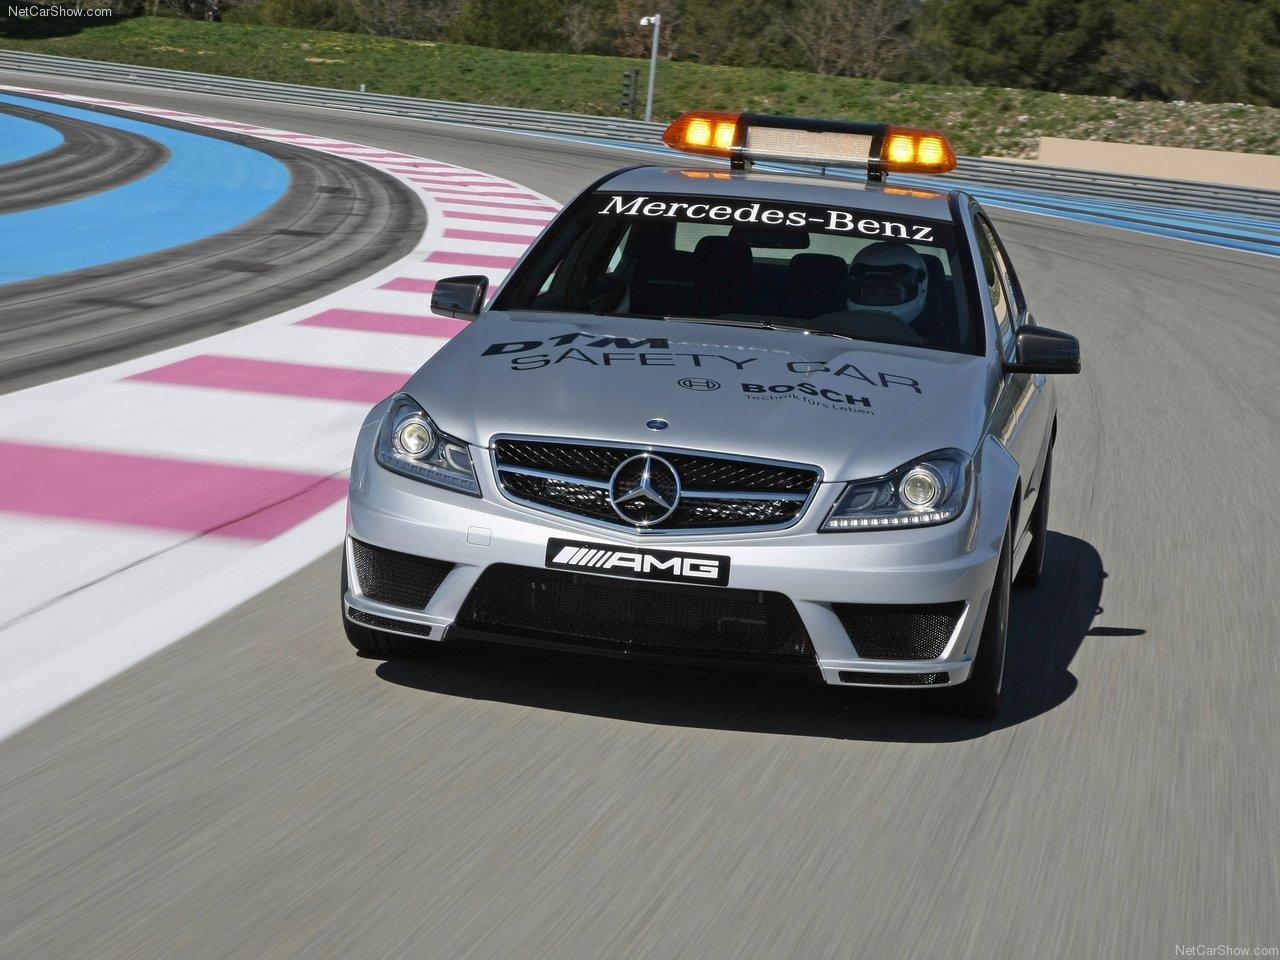 http://4.bp.blogspot.com/-f7FAxjVI9Fc/TbmBeUw3e-I/AAAAAAAAOfA/UX3oGI6lDw0/s1600/Mercedes-Benz-C63_AMG_DTM_Safety_Car_2011_1280x960_wallpaper_04.jpg